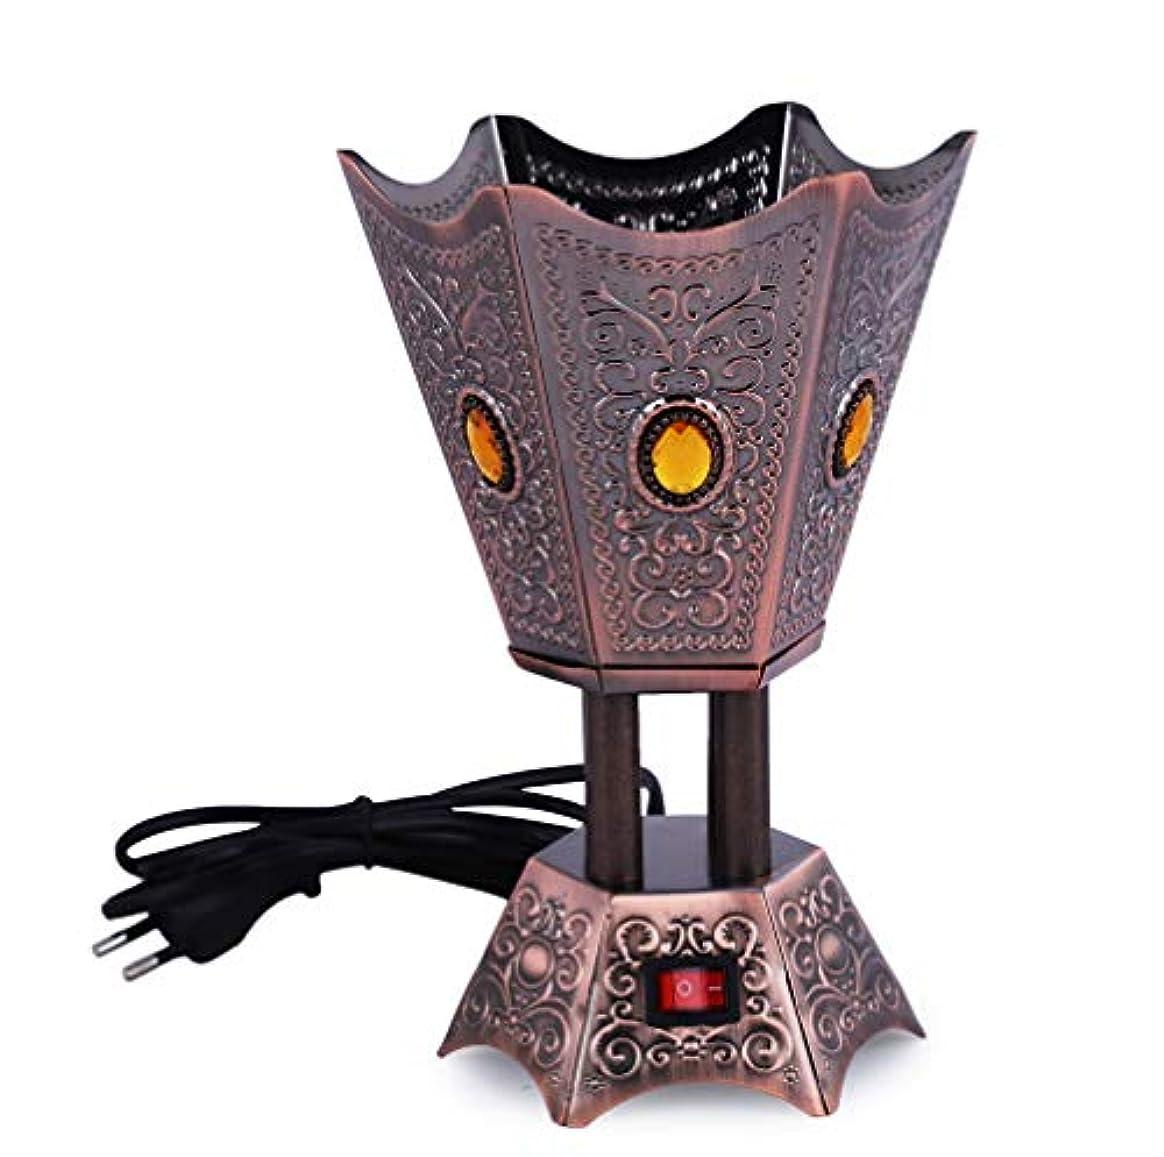 従来のプロポーショナル誰でもAntique Electric Bakhoor Burner Electric Incense Burner Camphor- Oud Resin Frankincense for Diwali Gift Positive...